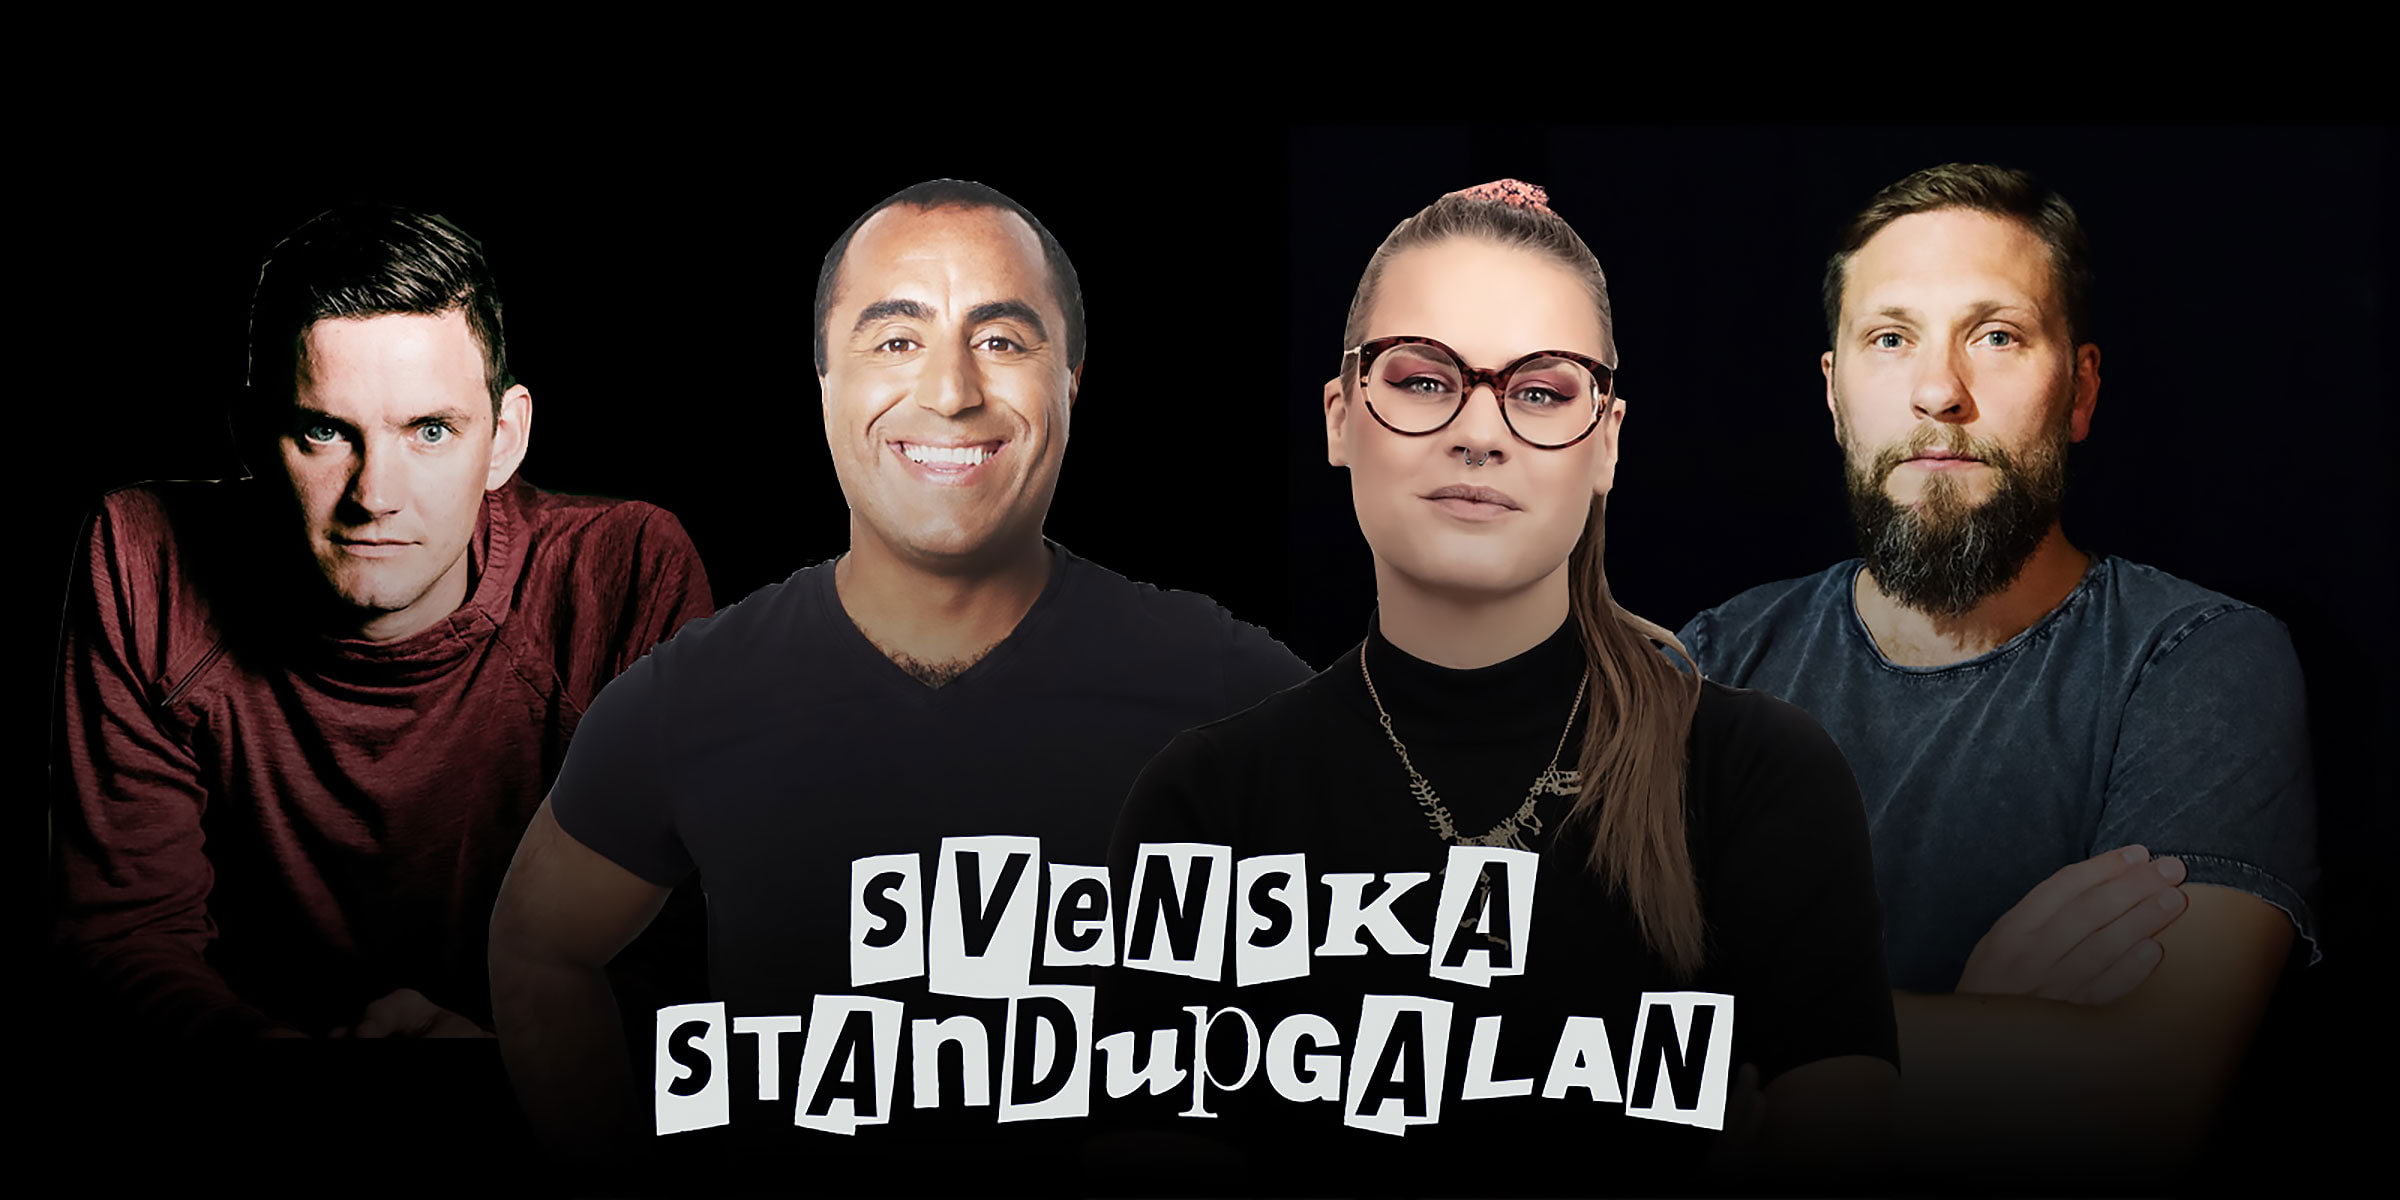 Dags för Svenska Standupgalan 2020